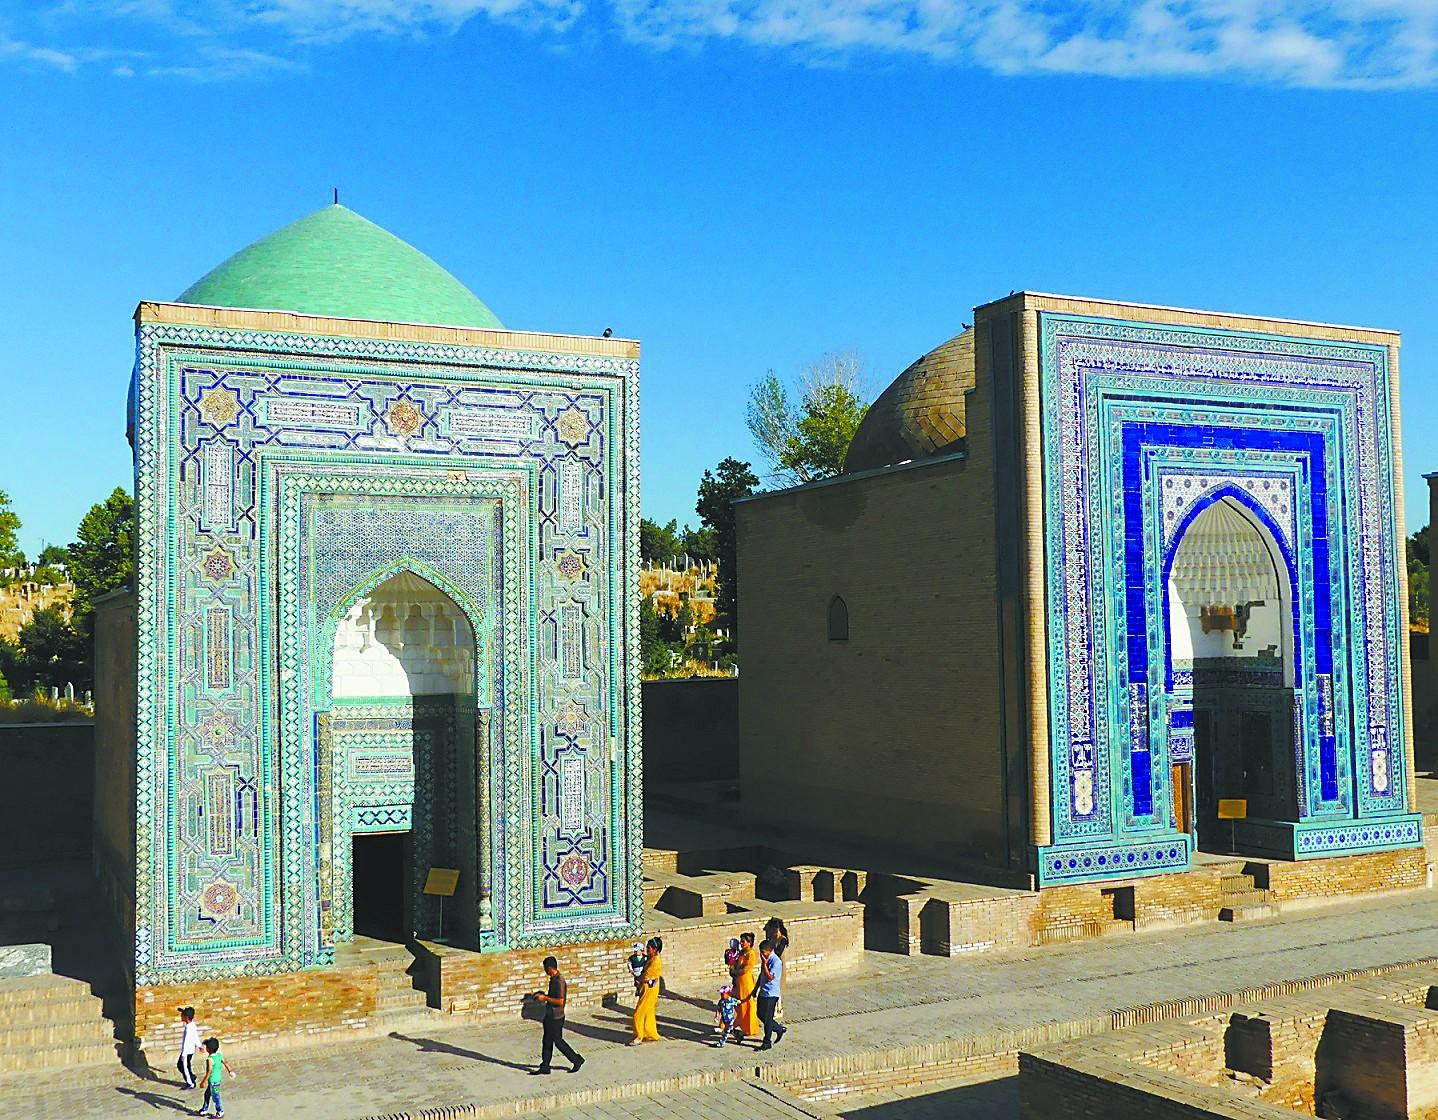 夏伊辛达,蓝色瓷砖拼出的中亚最美